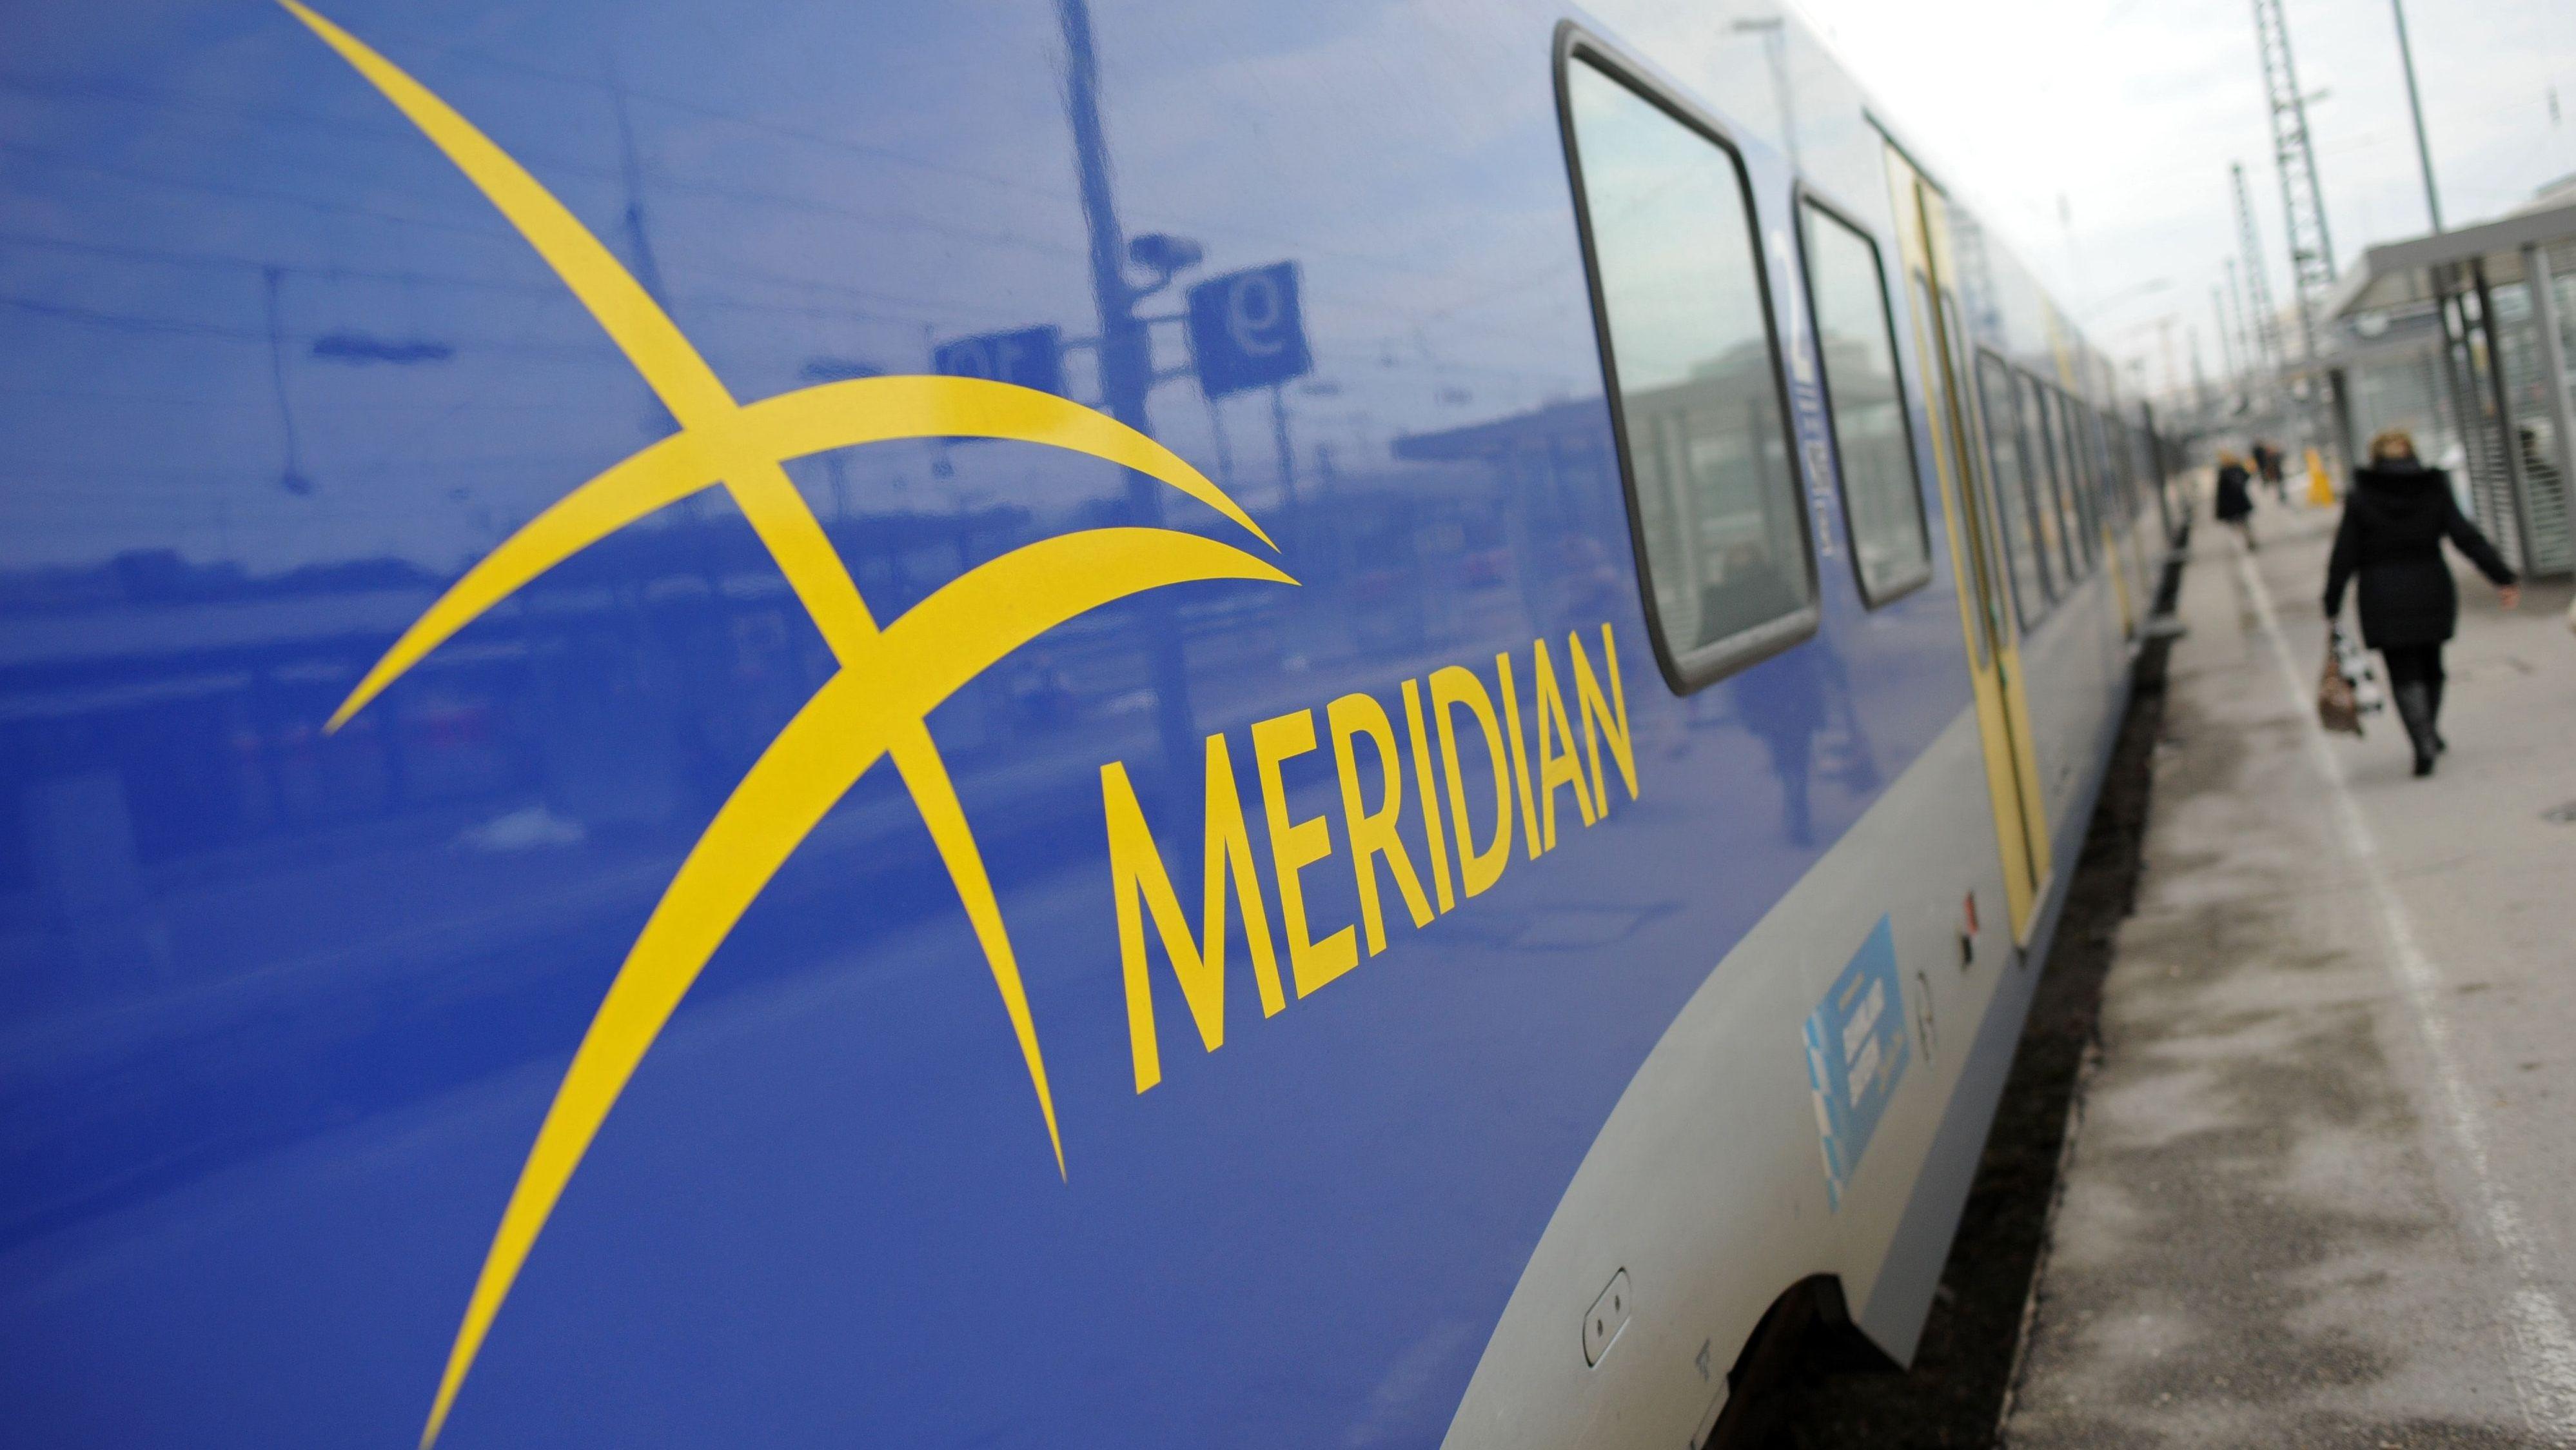 Ein Meridian-Zug mit 600 Fahrgästen musste am Sonntagabend in Oberbayern evakuiert werden. Die Zustände seien untragbar gewesen wie viele Fahrgäste meinen.